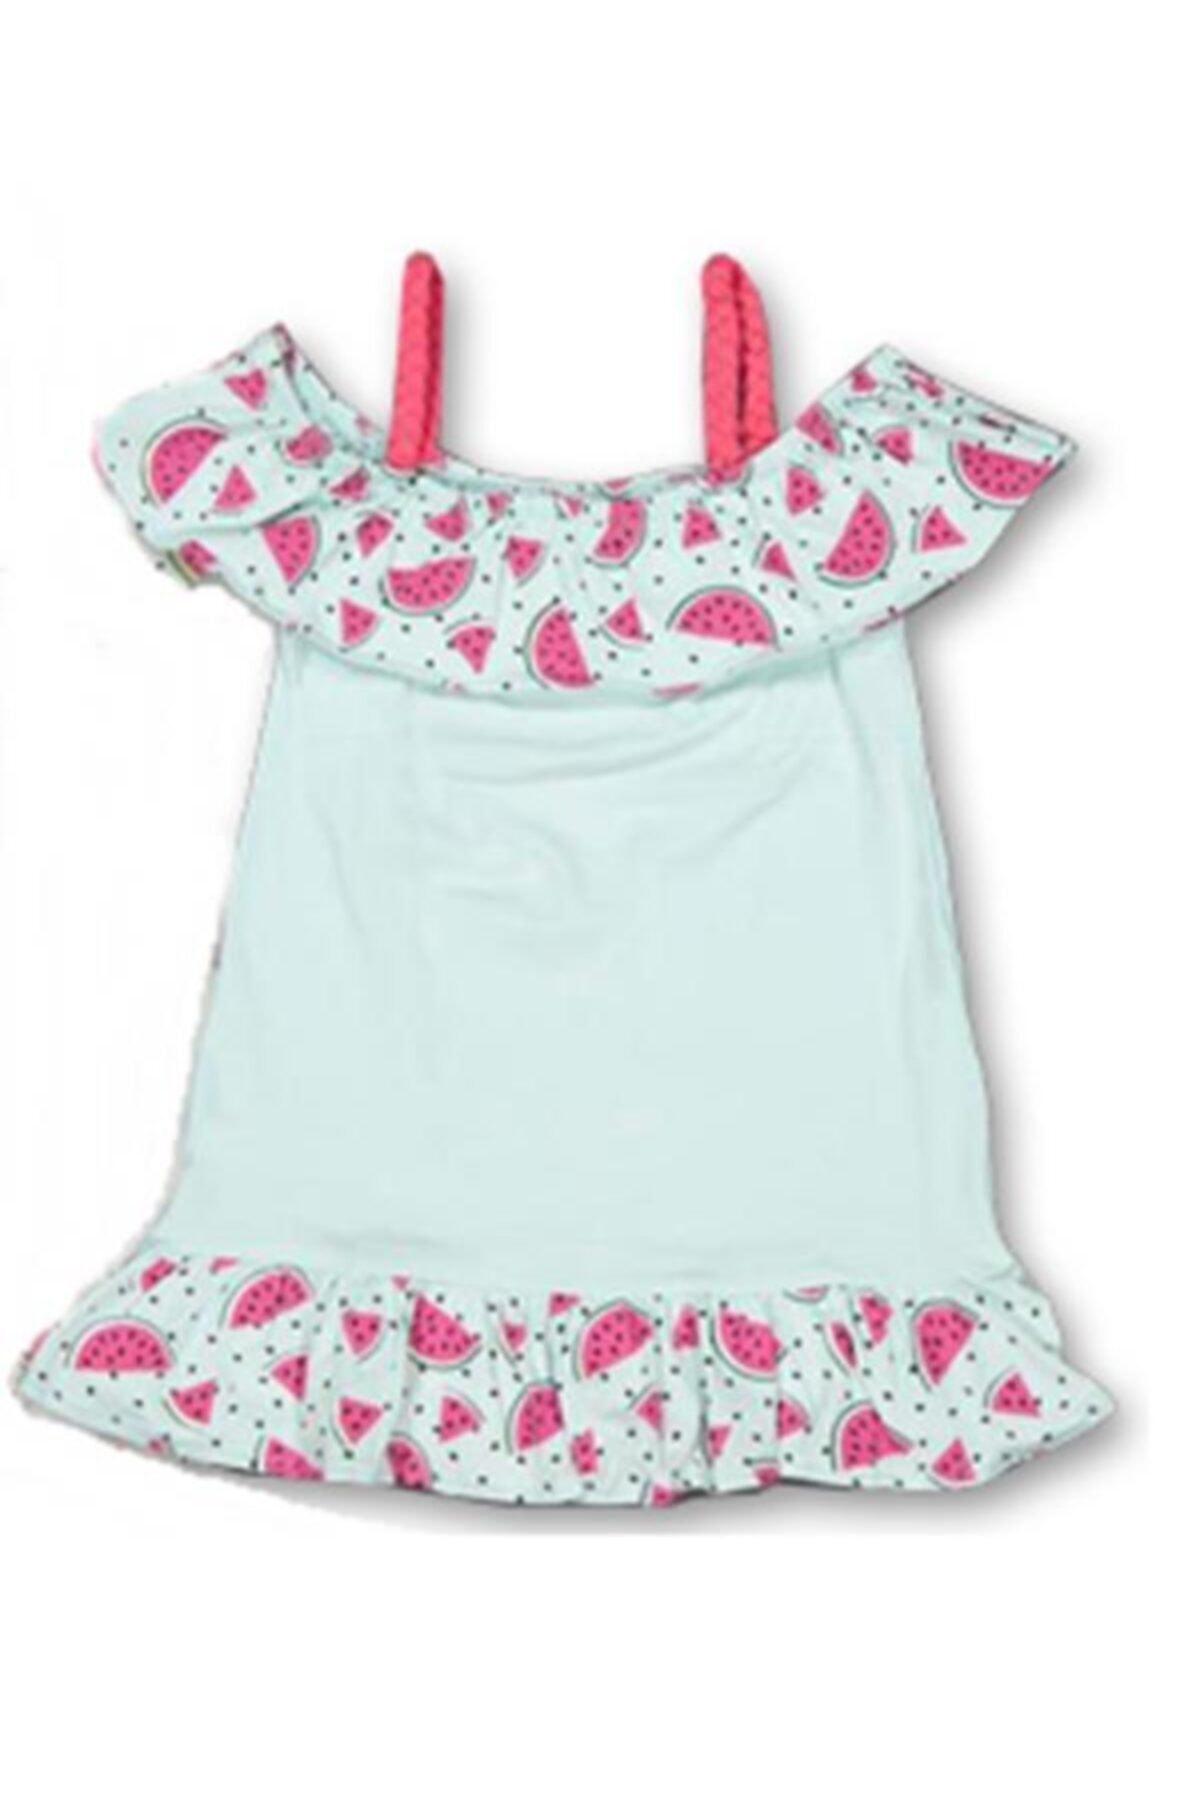 Karpuz Fırfırlı Kız Çocuk Askılı Elbise Salopet Yşl 1|2|3|4 Yaş